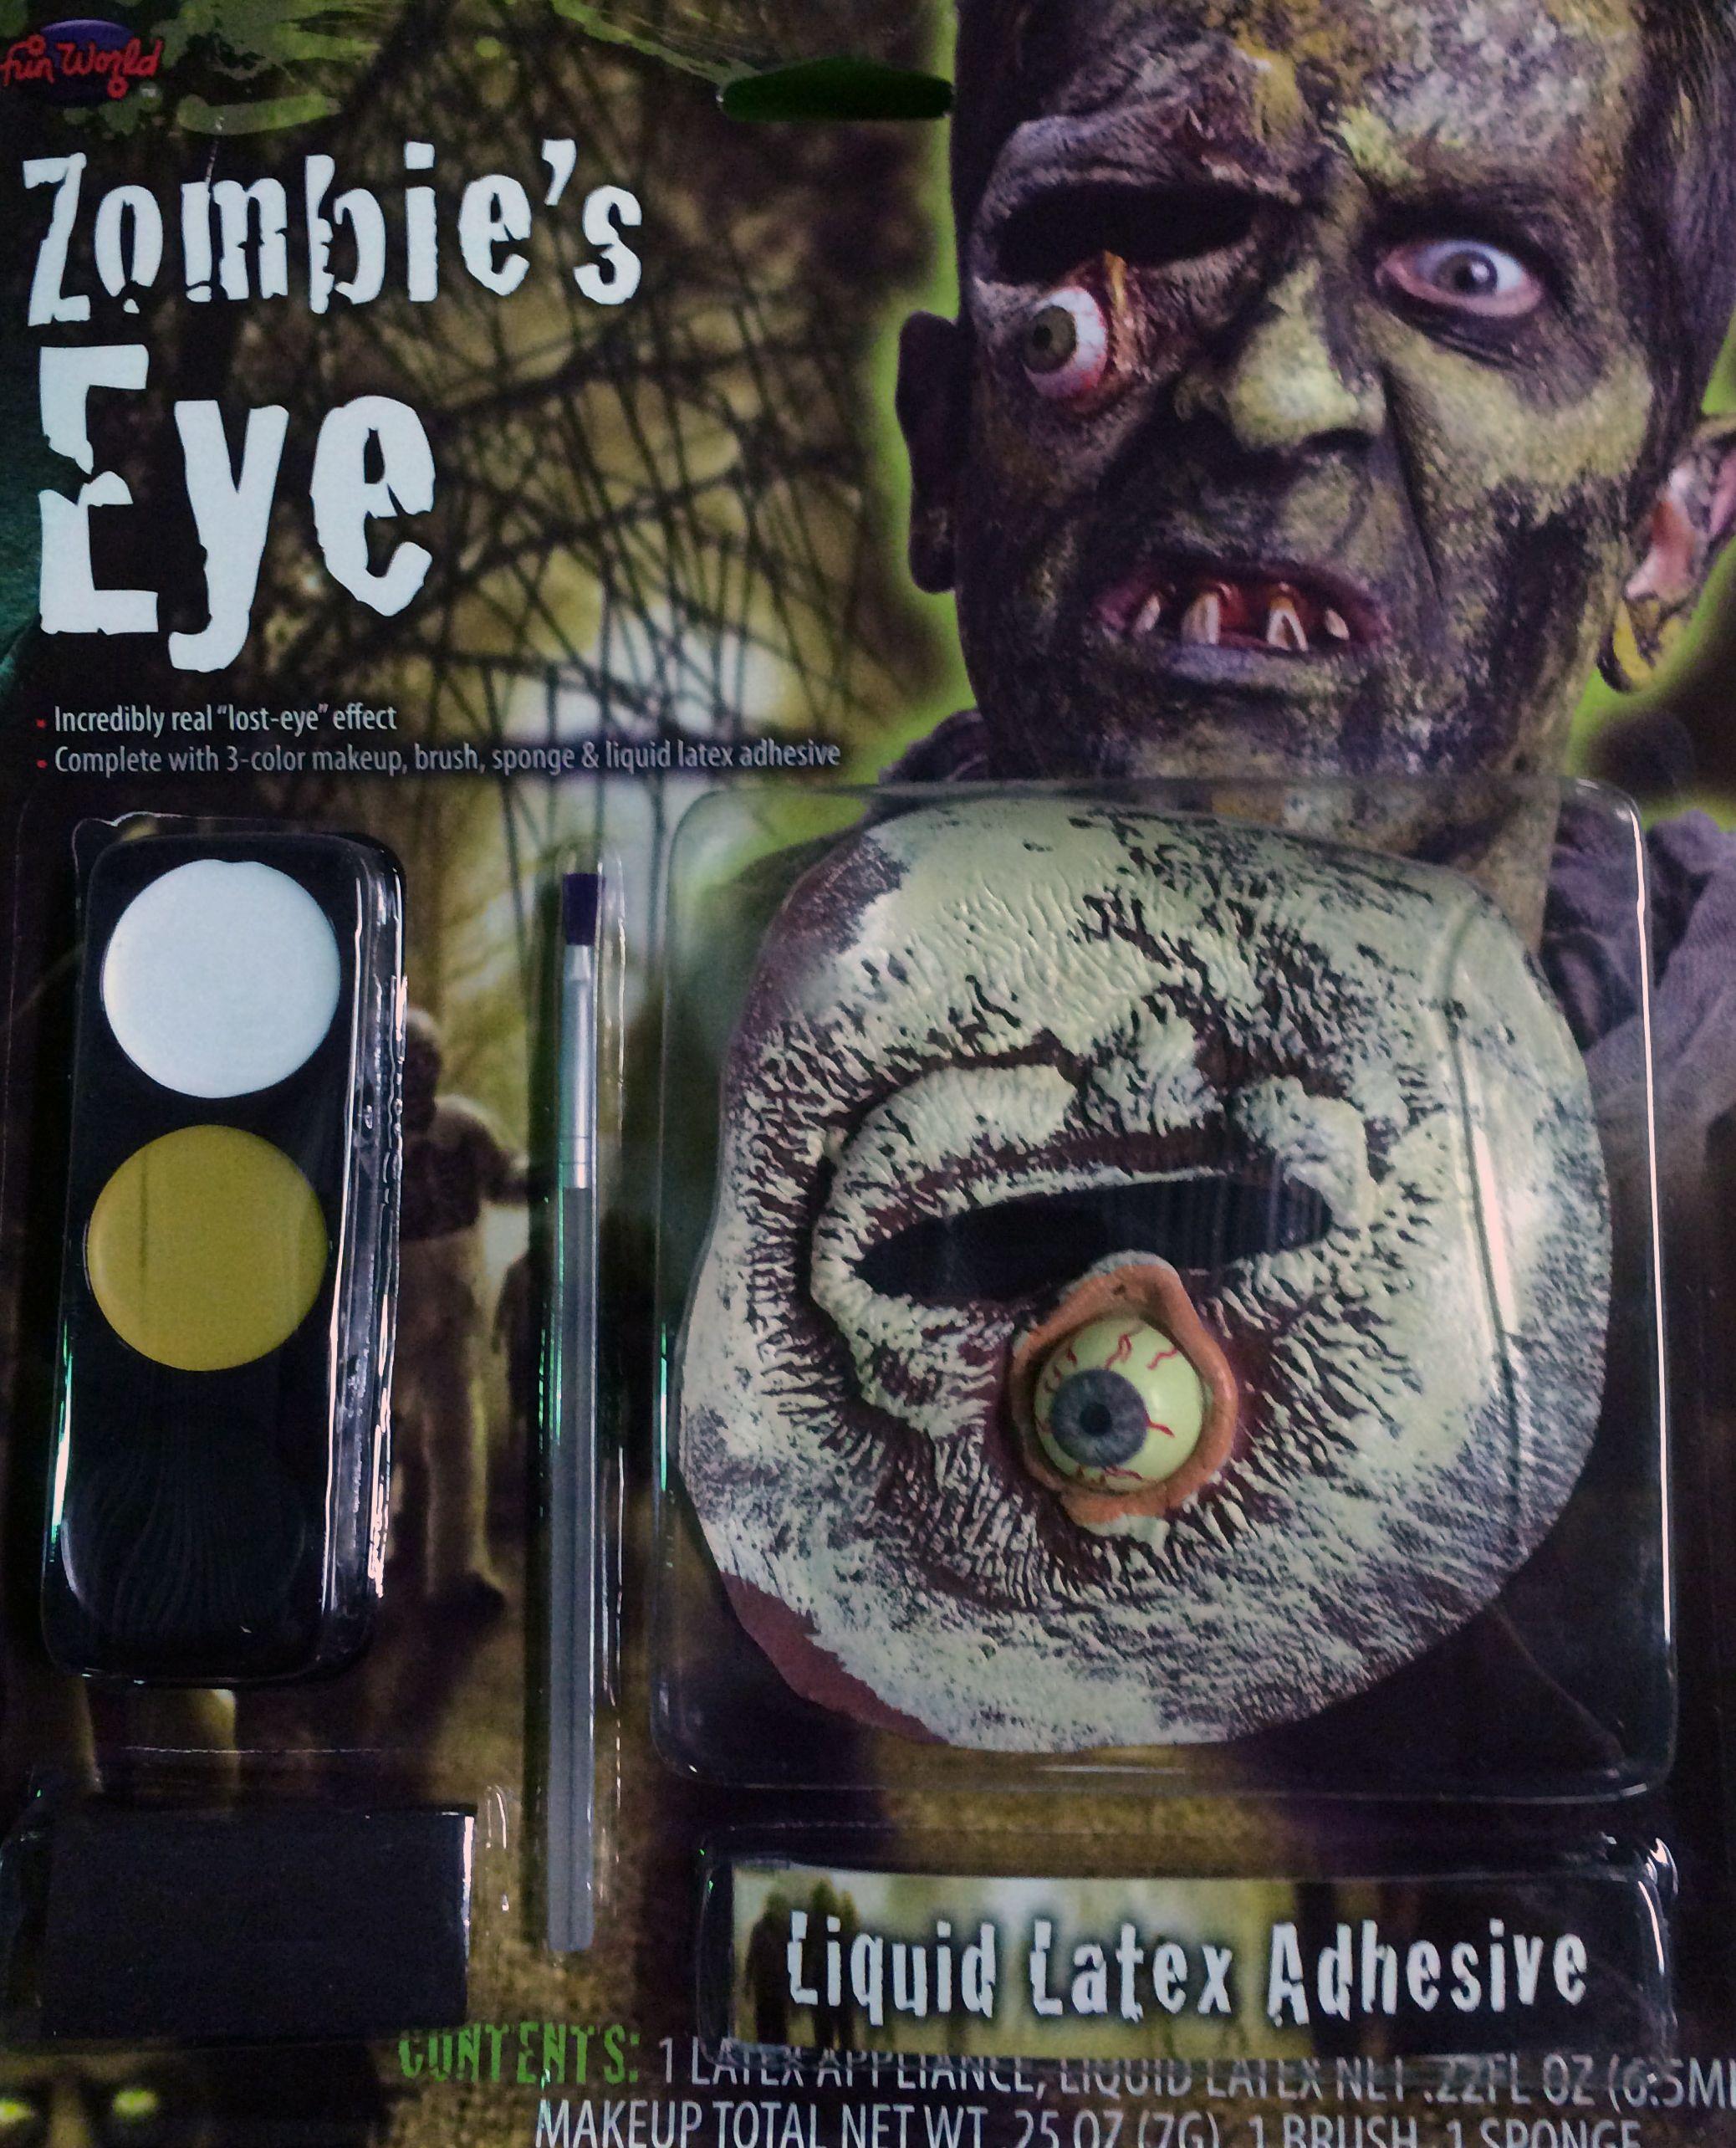 Набор для зомби с вытекшим глазом (UNI) - Грим и шрамы